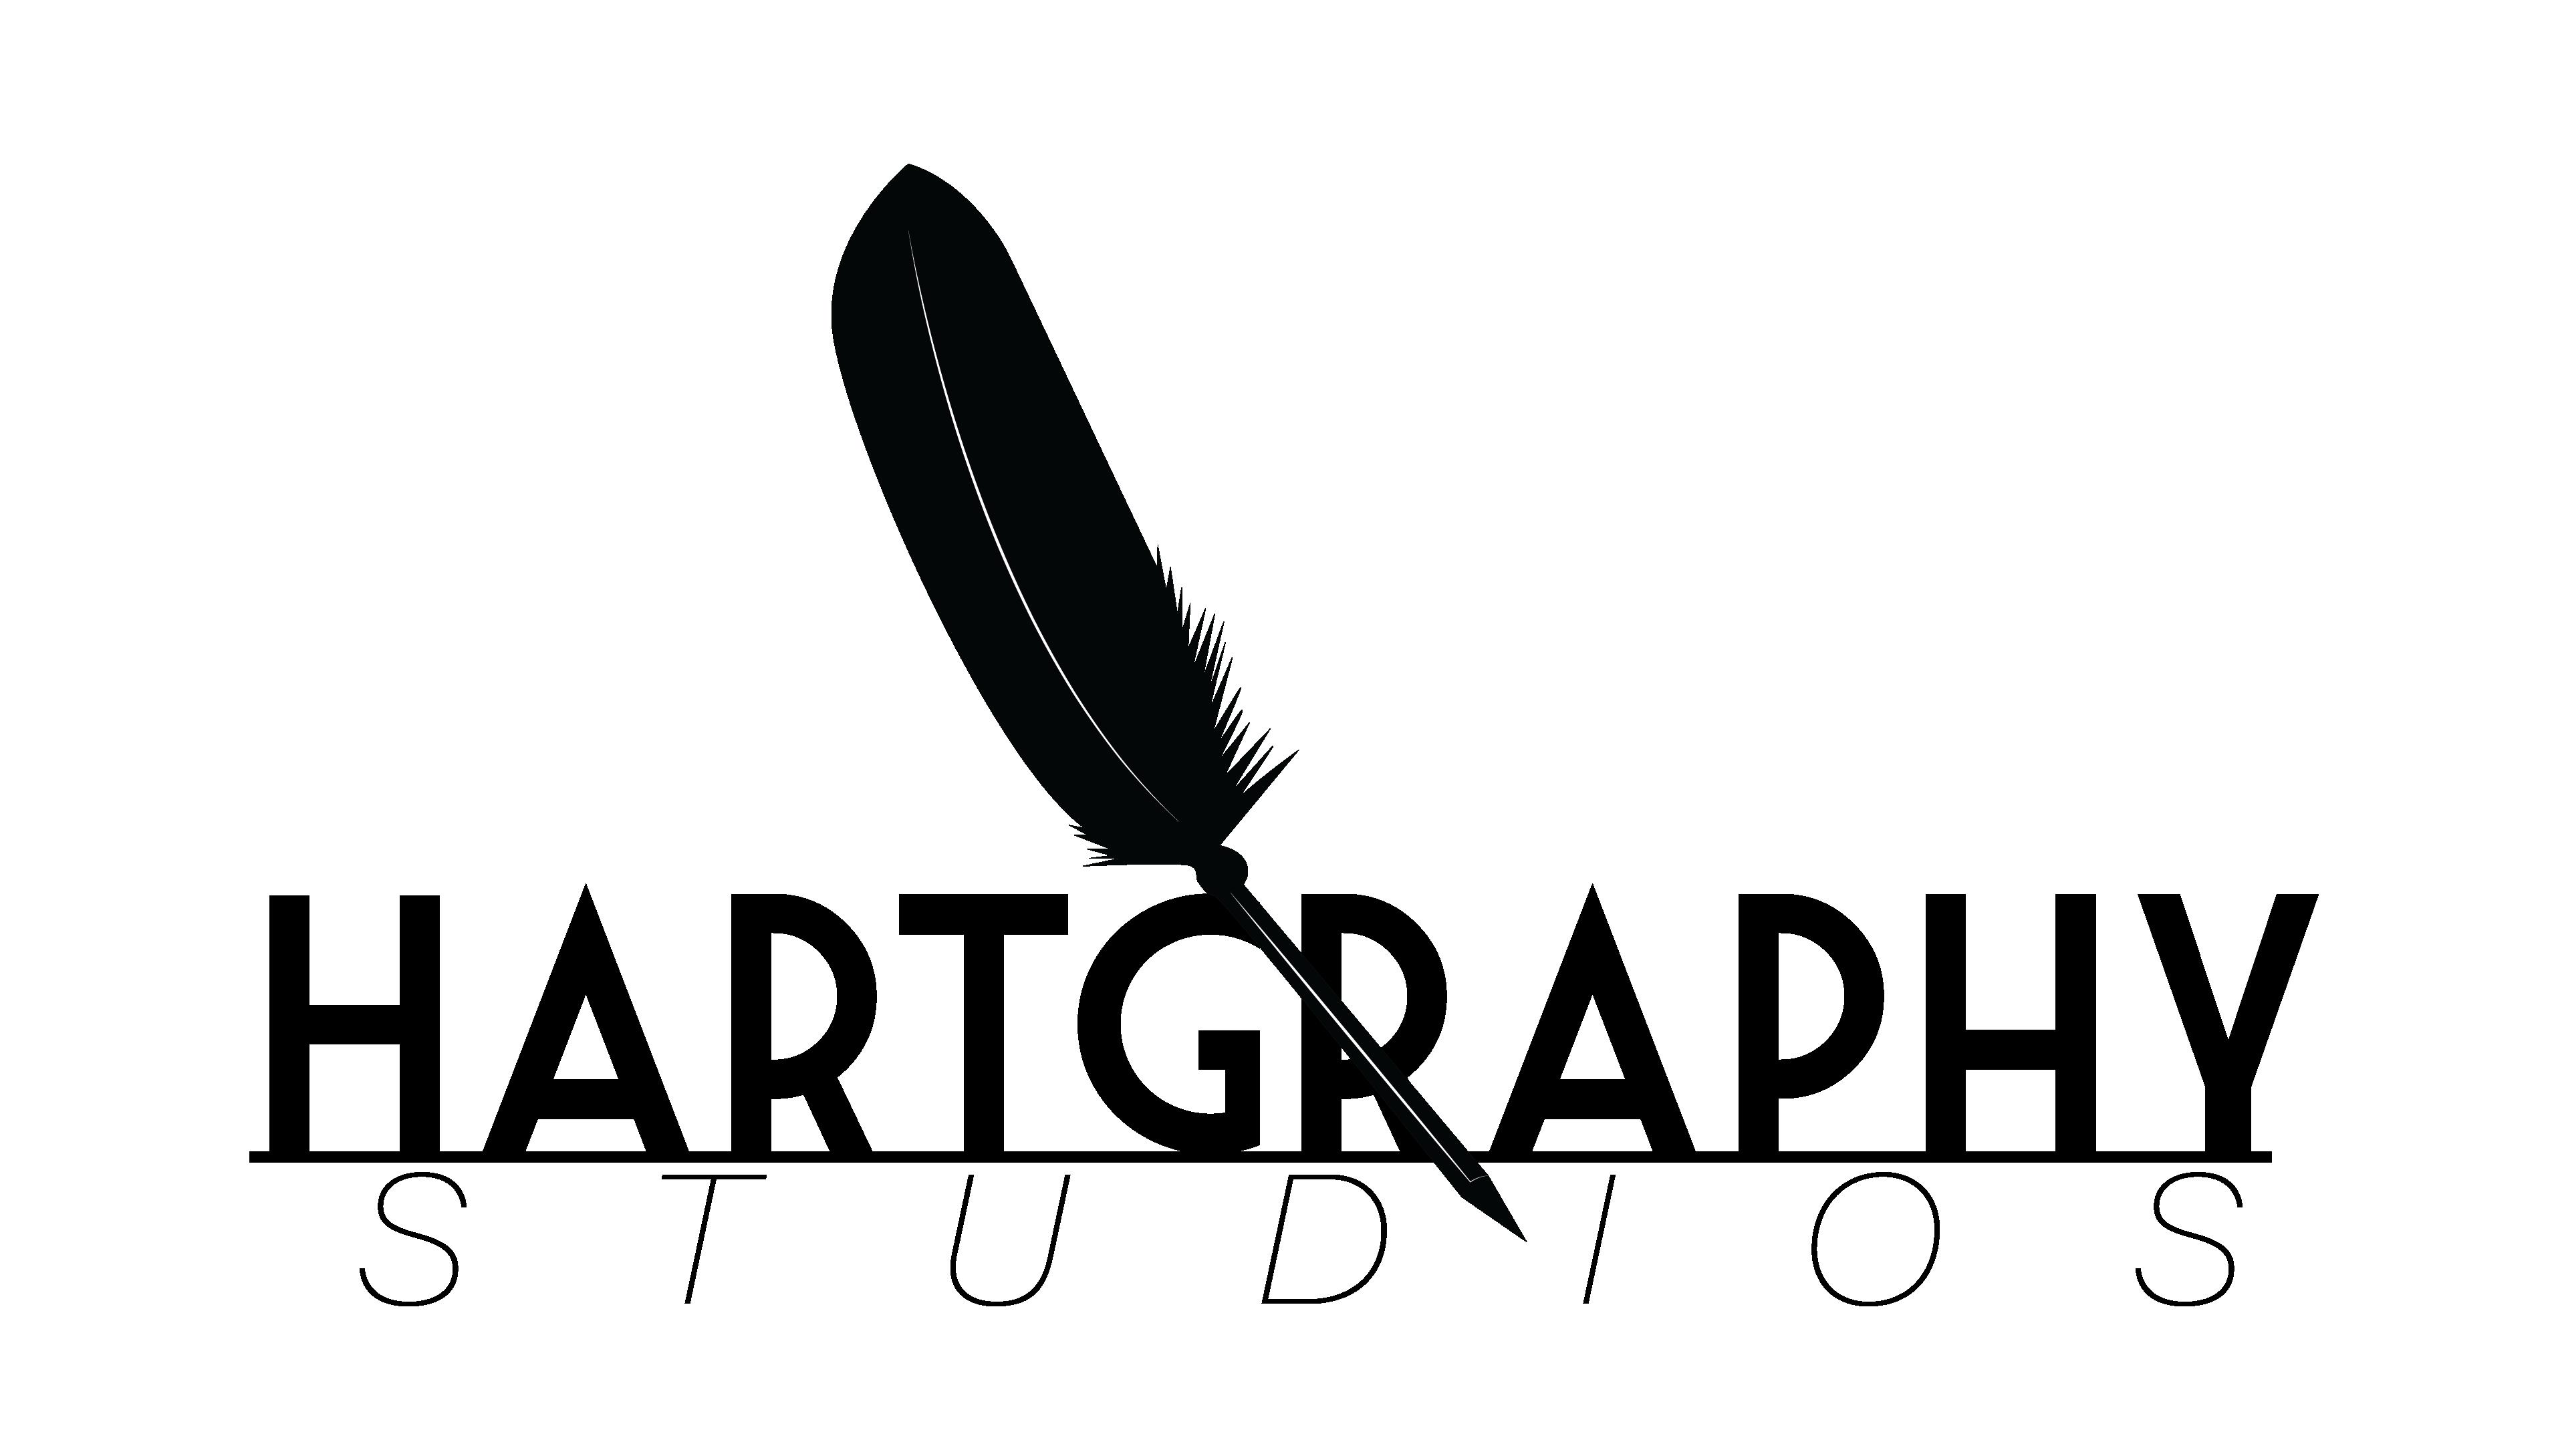 TJ Hart